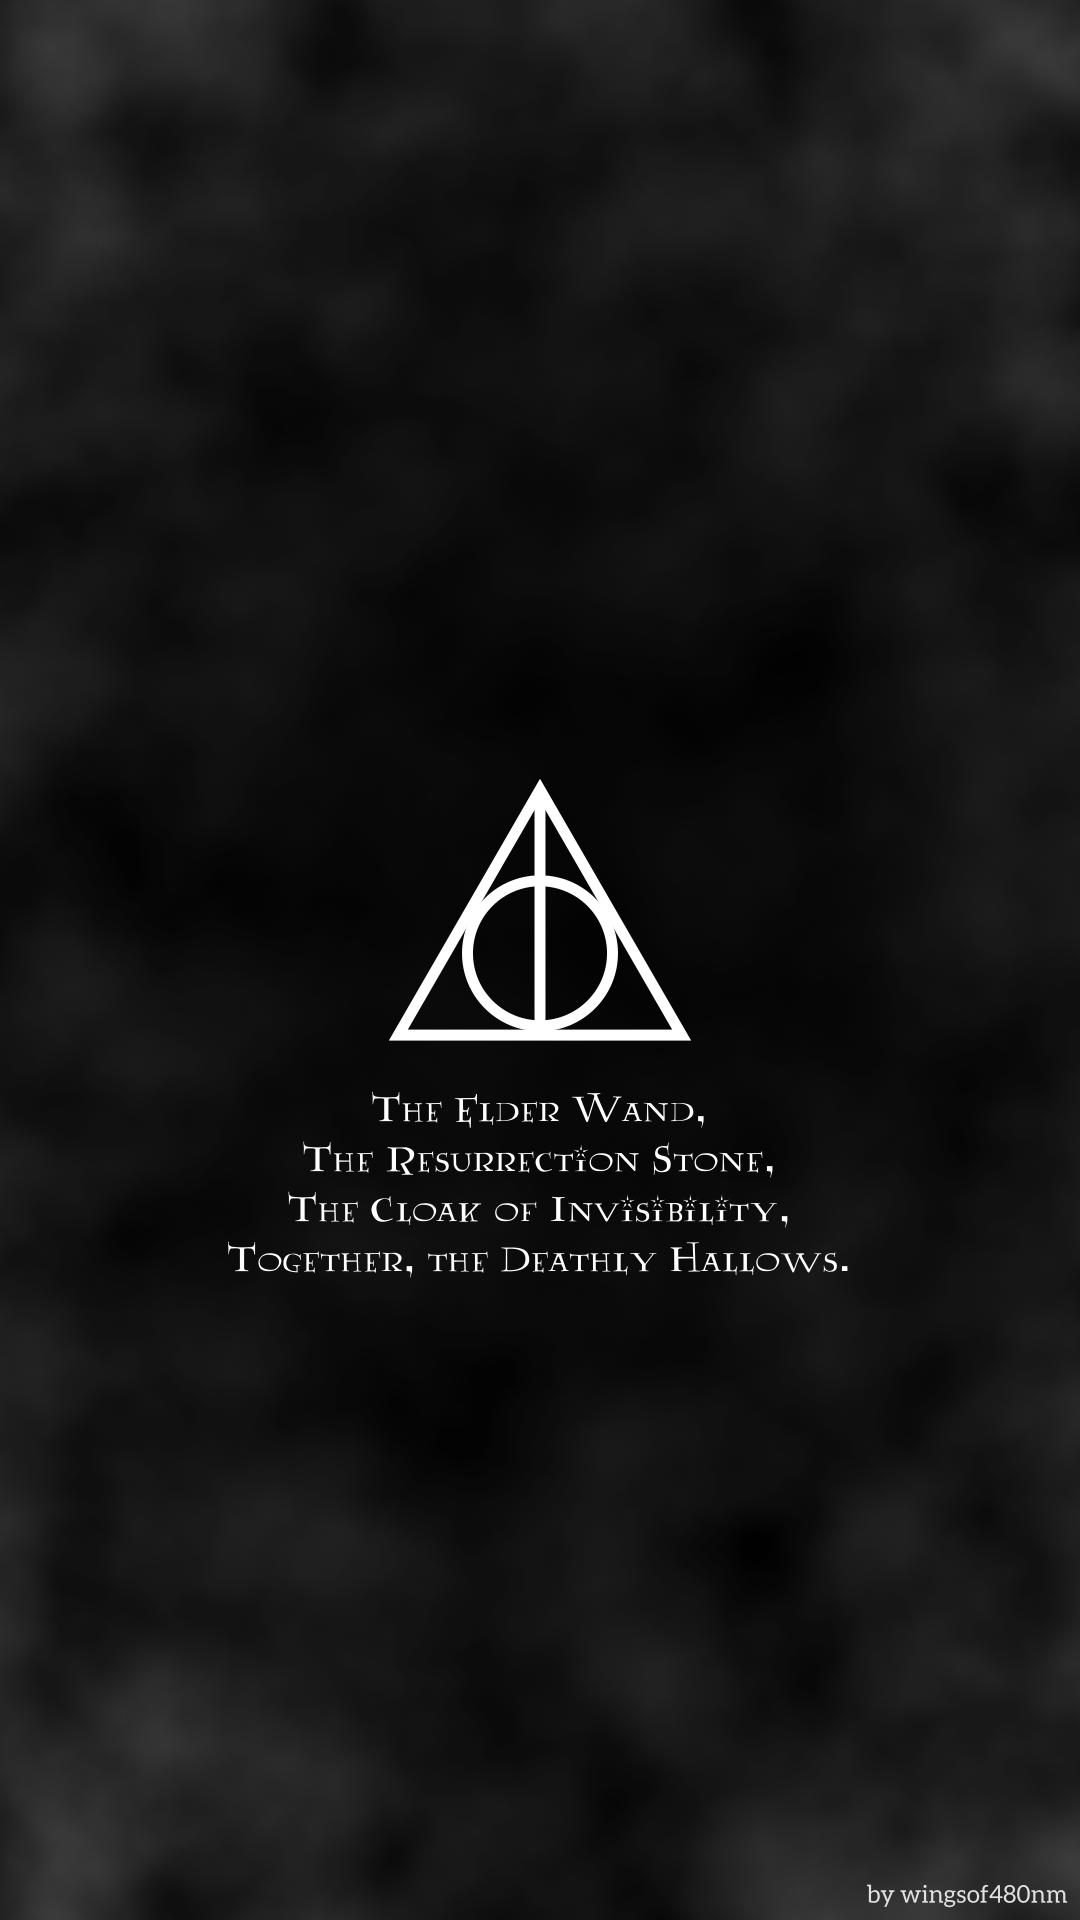 Deathly Hallows Wallpaper | www.pixshark.com - Images ...